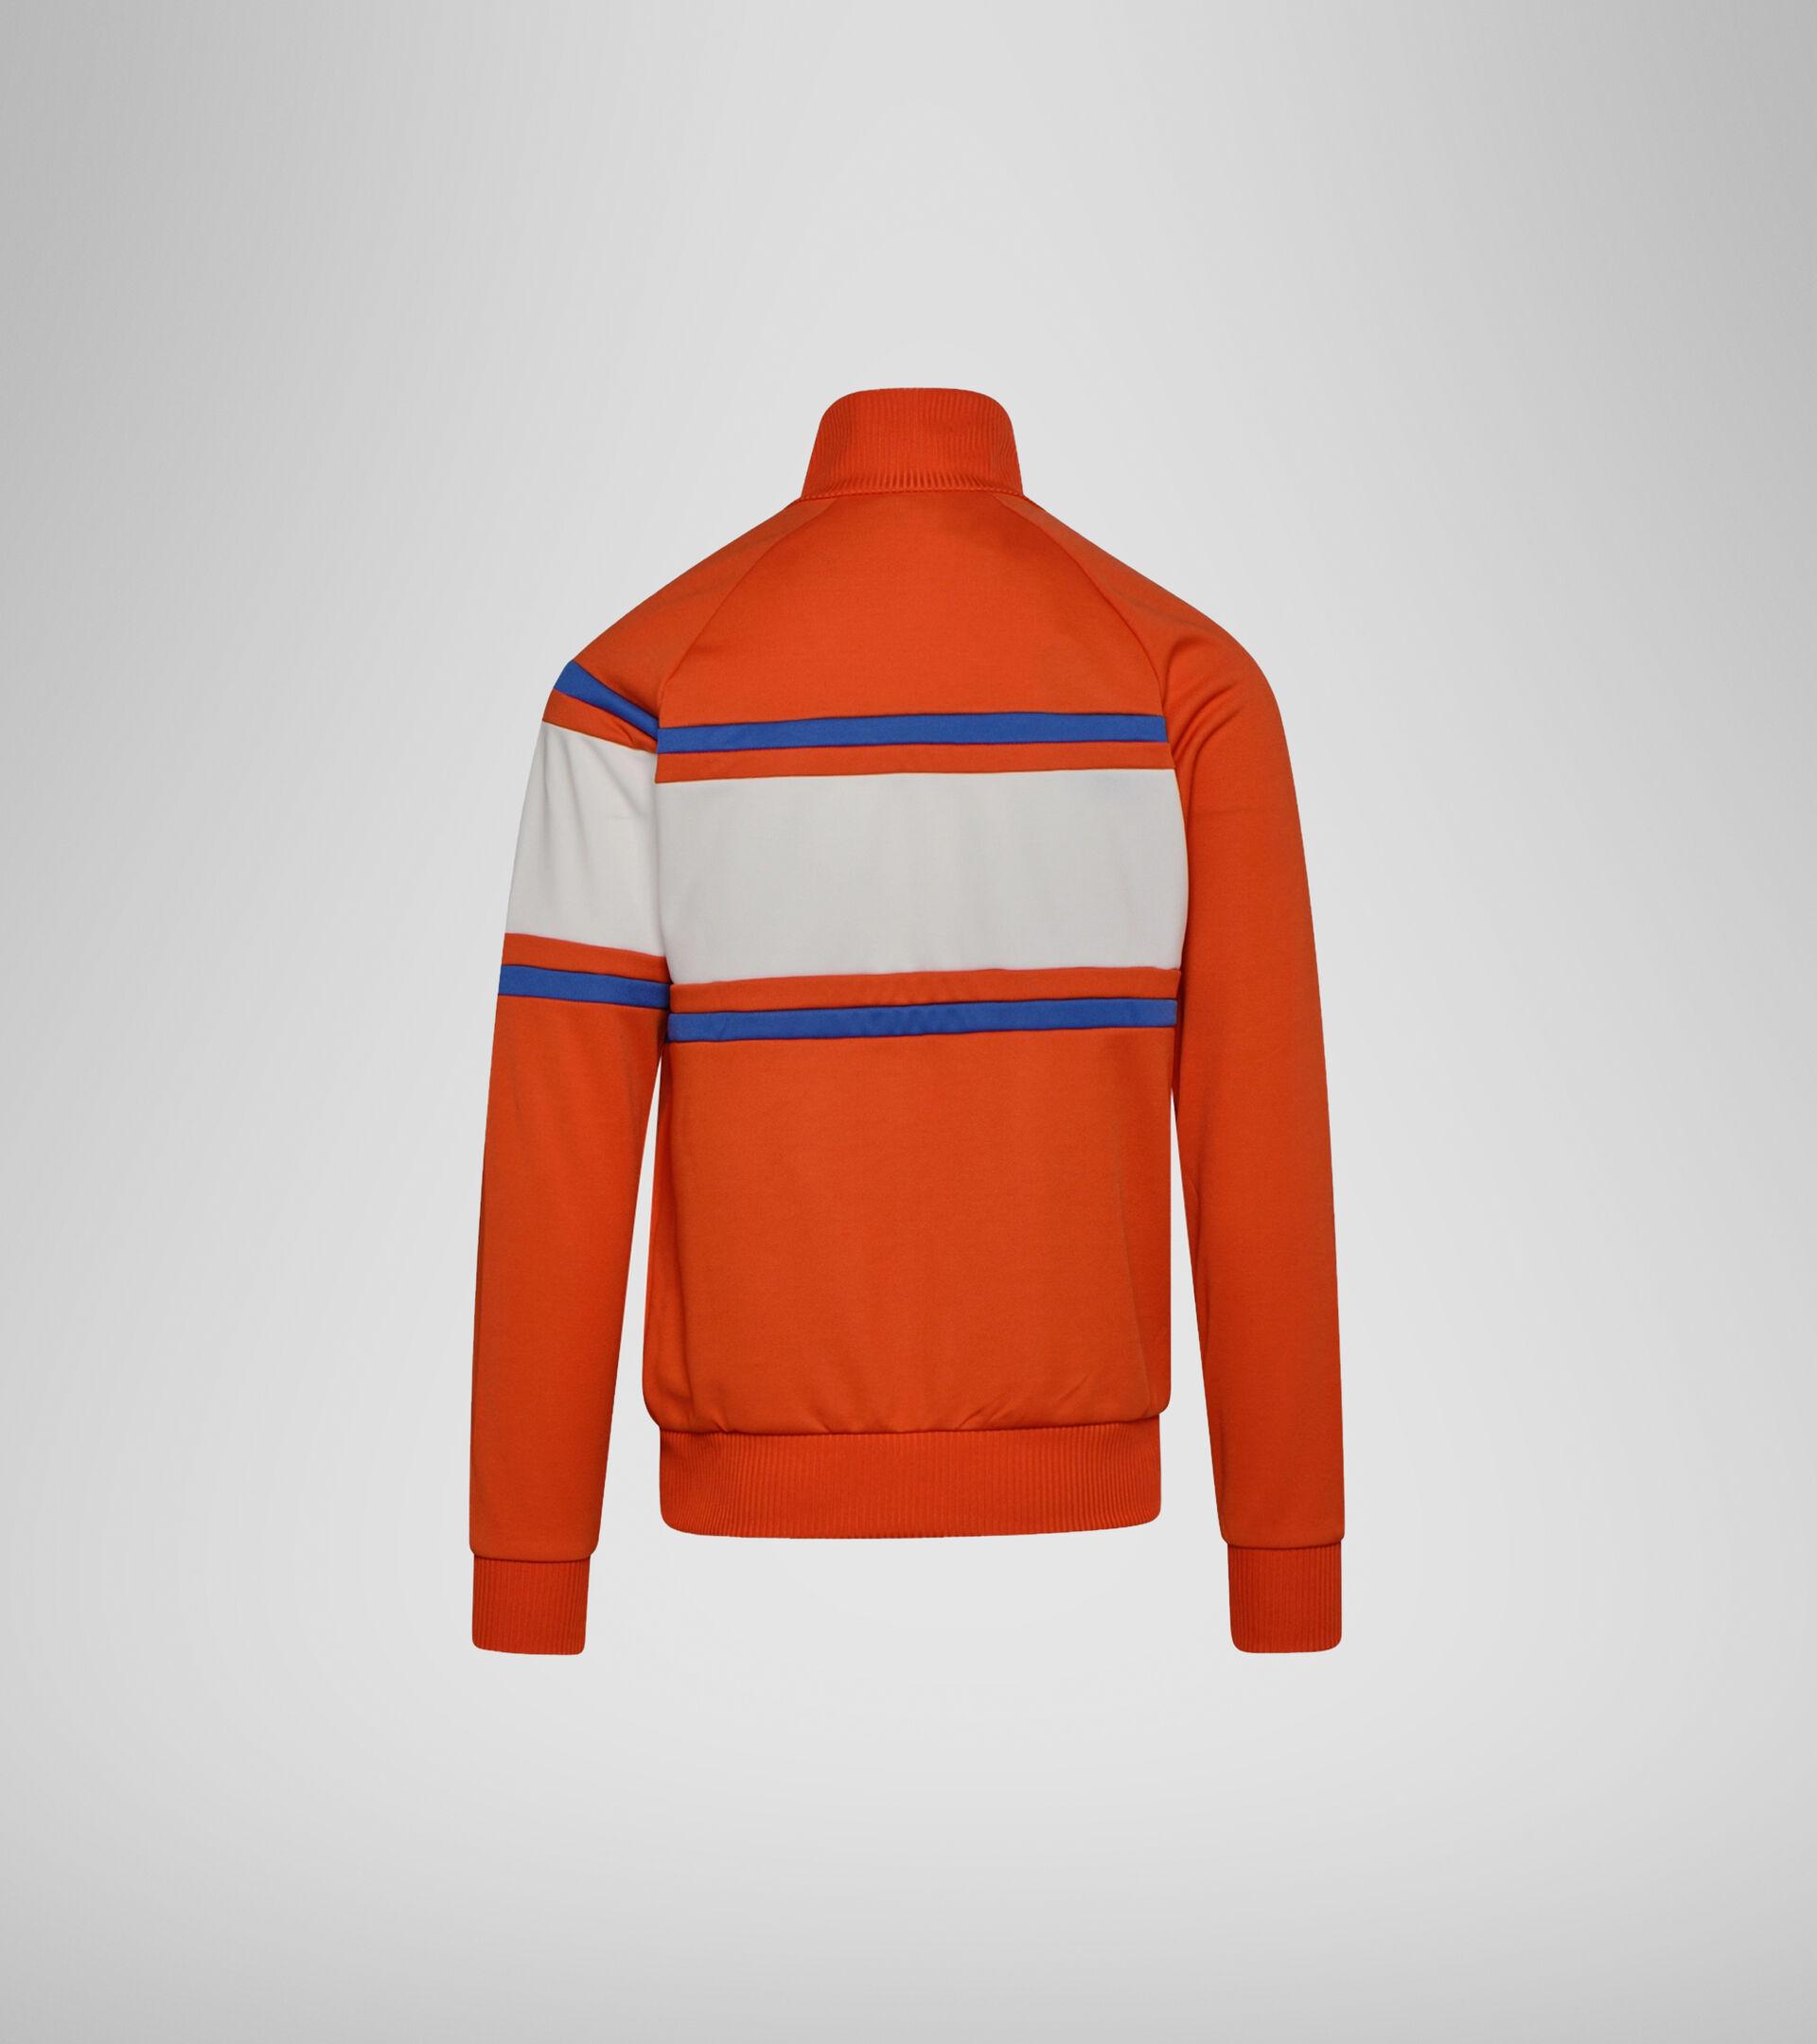 Apparel Sportswear UOMO JACKET 80S ORANGEADE Diadora